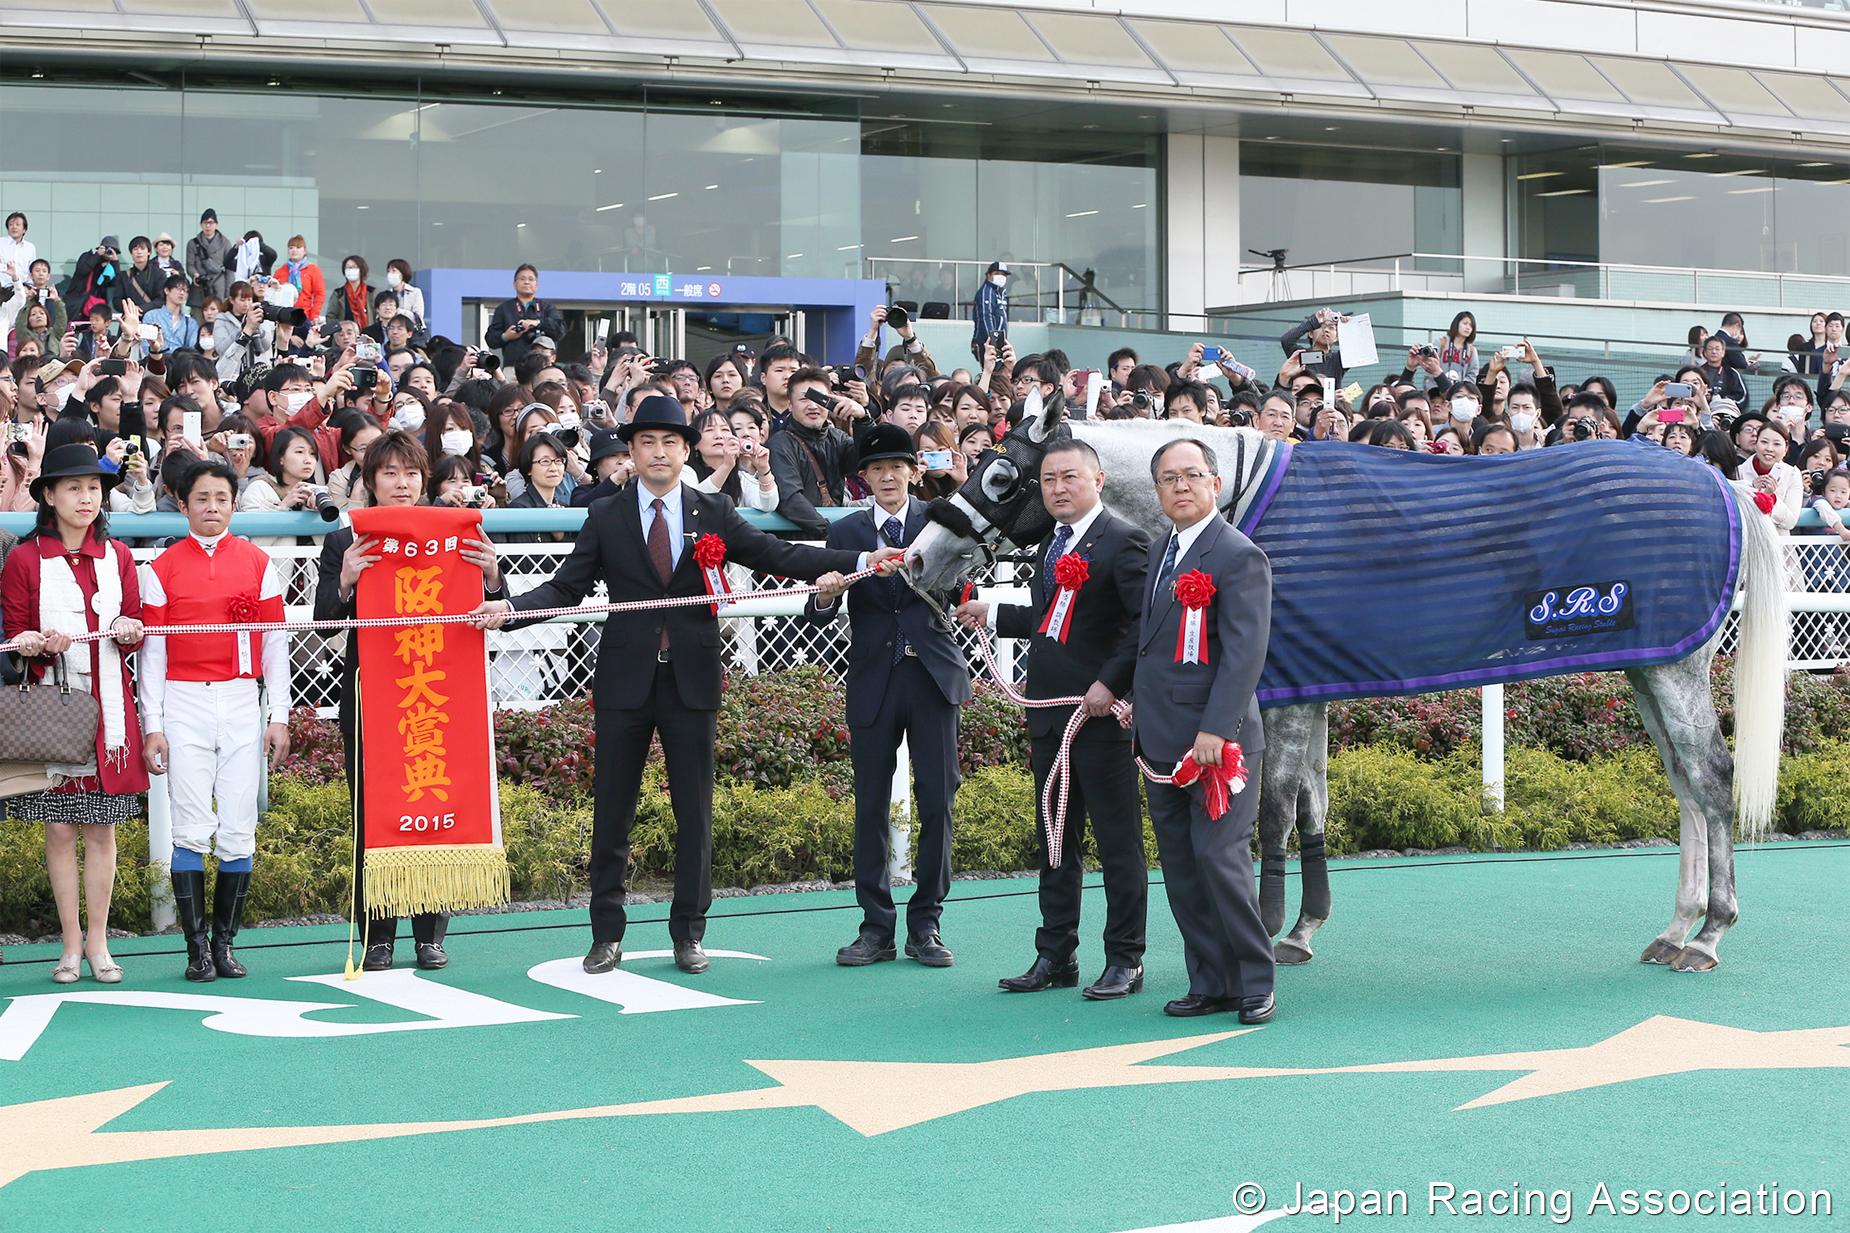 フーラブライドも健闘した阪神大賞典でゴールドシップが3連覇 © JRA